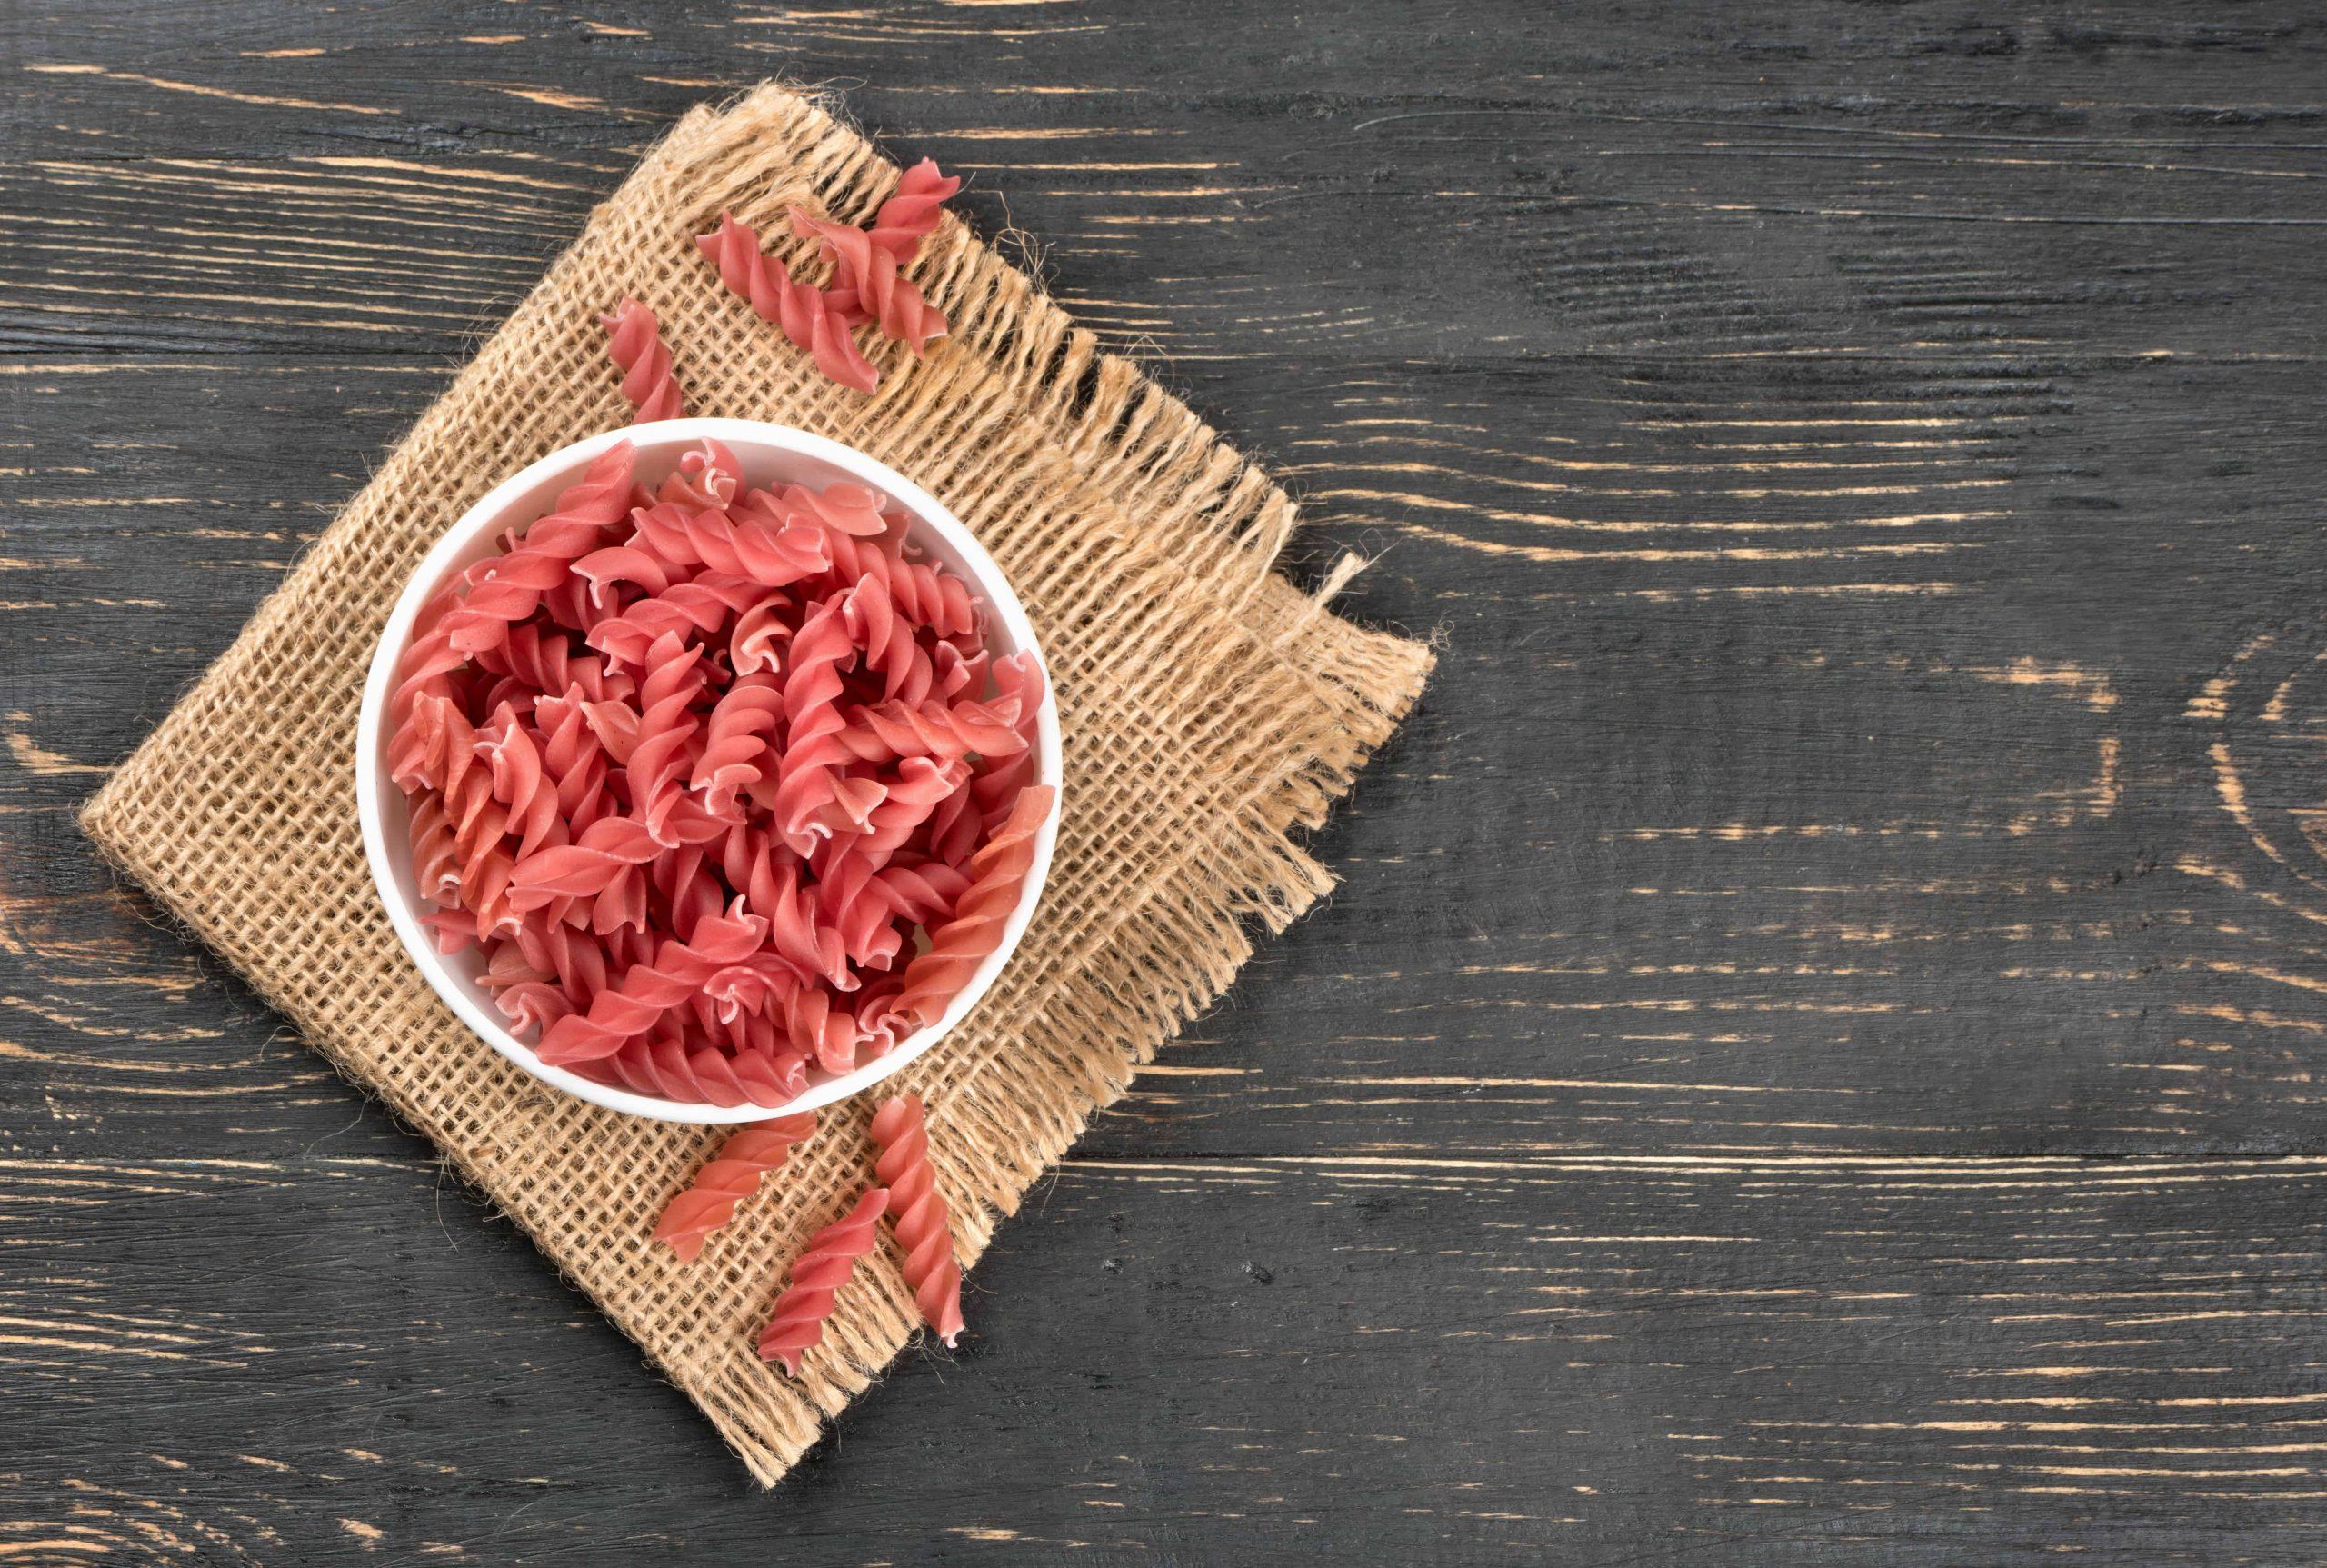 pasta-di-lenticchie-principale-xcyp1